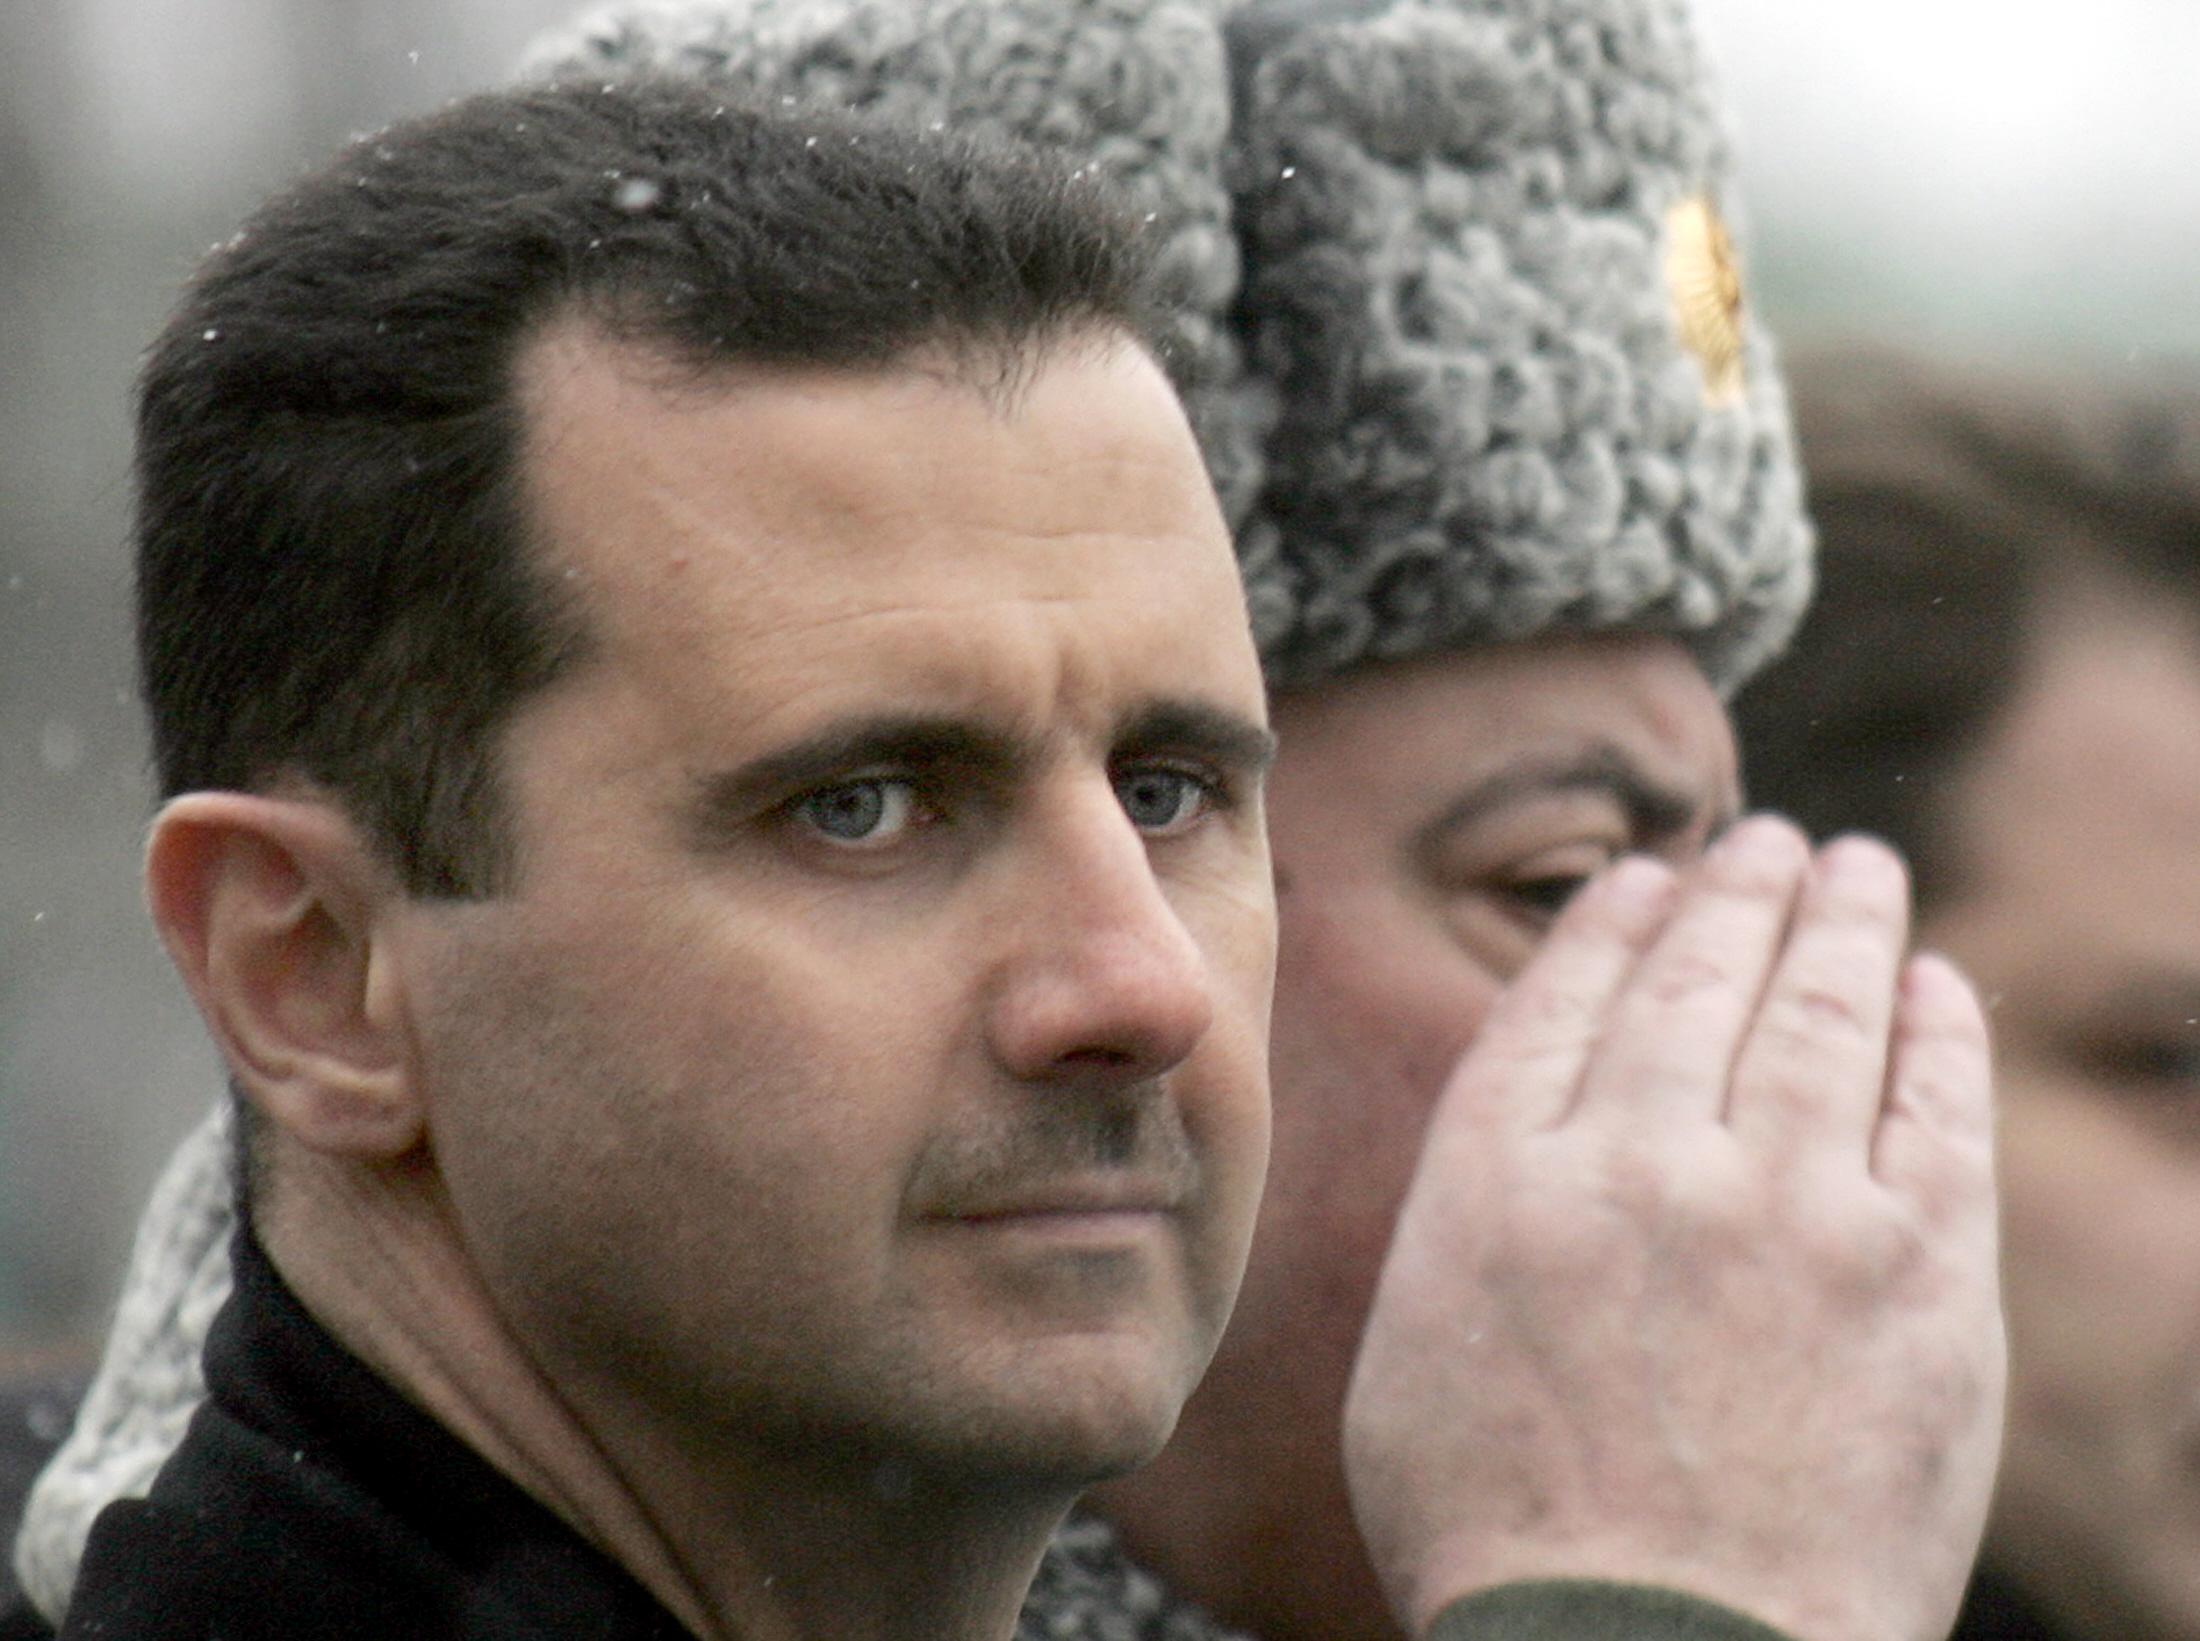 Президент Башар Асад и сирийский кризис стали главной темой для обсуждения в ходе 70-й сессии ООН.